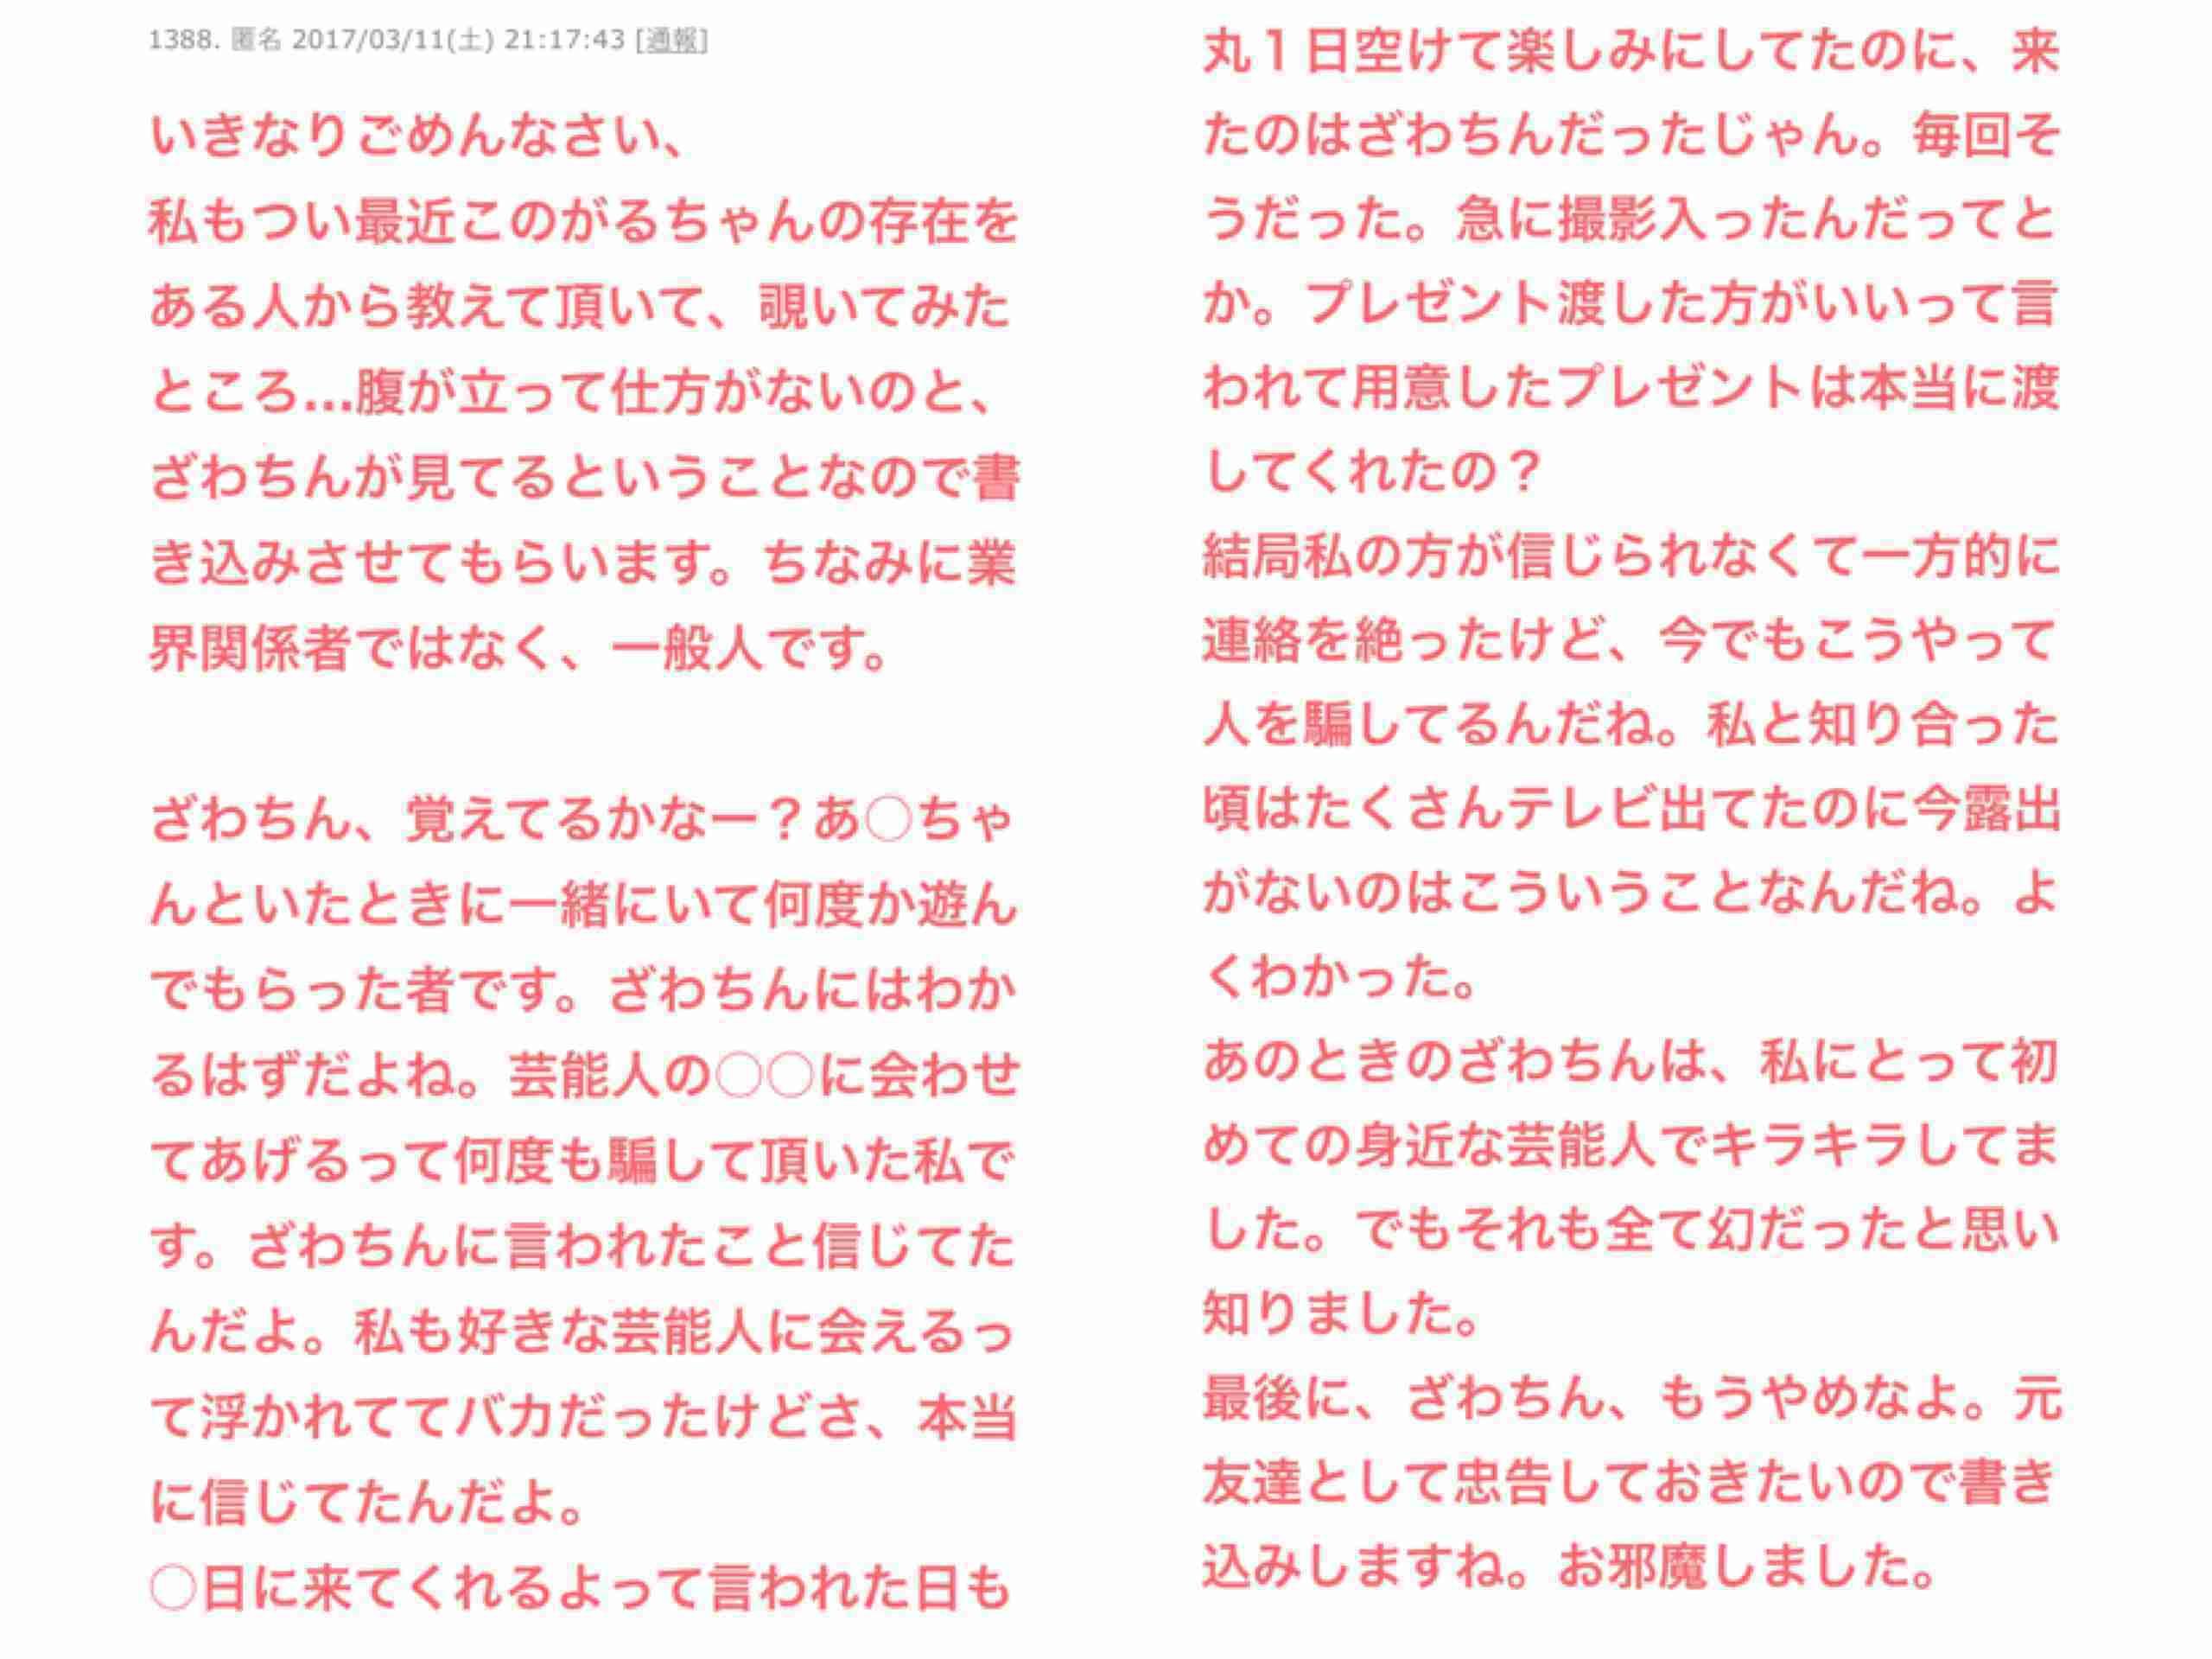 """ざわちん、ダレノガレ明美の新居で""""マグロ解体ショー"""" スレンダー美脚に反響"""